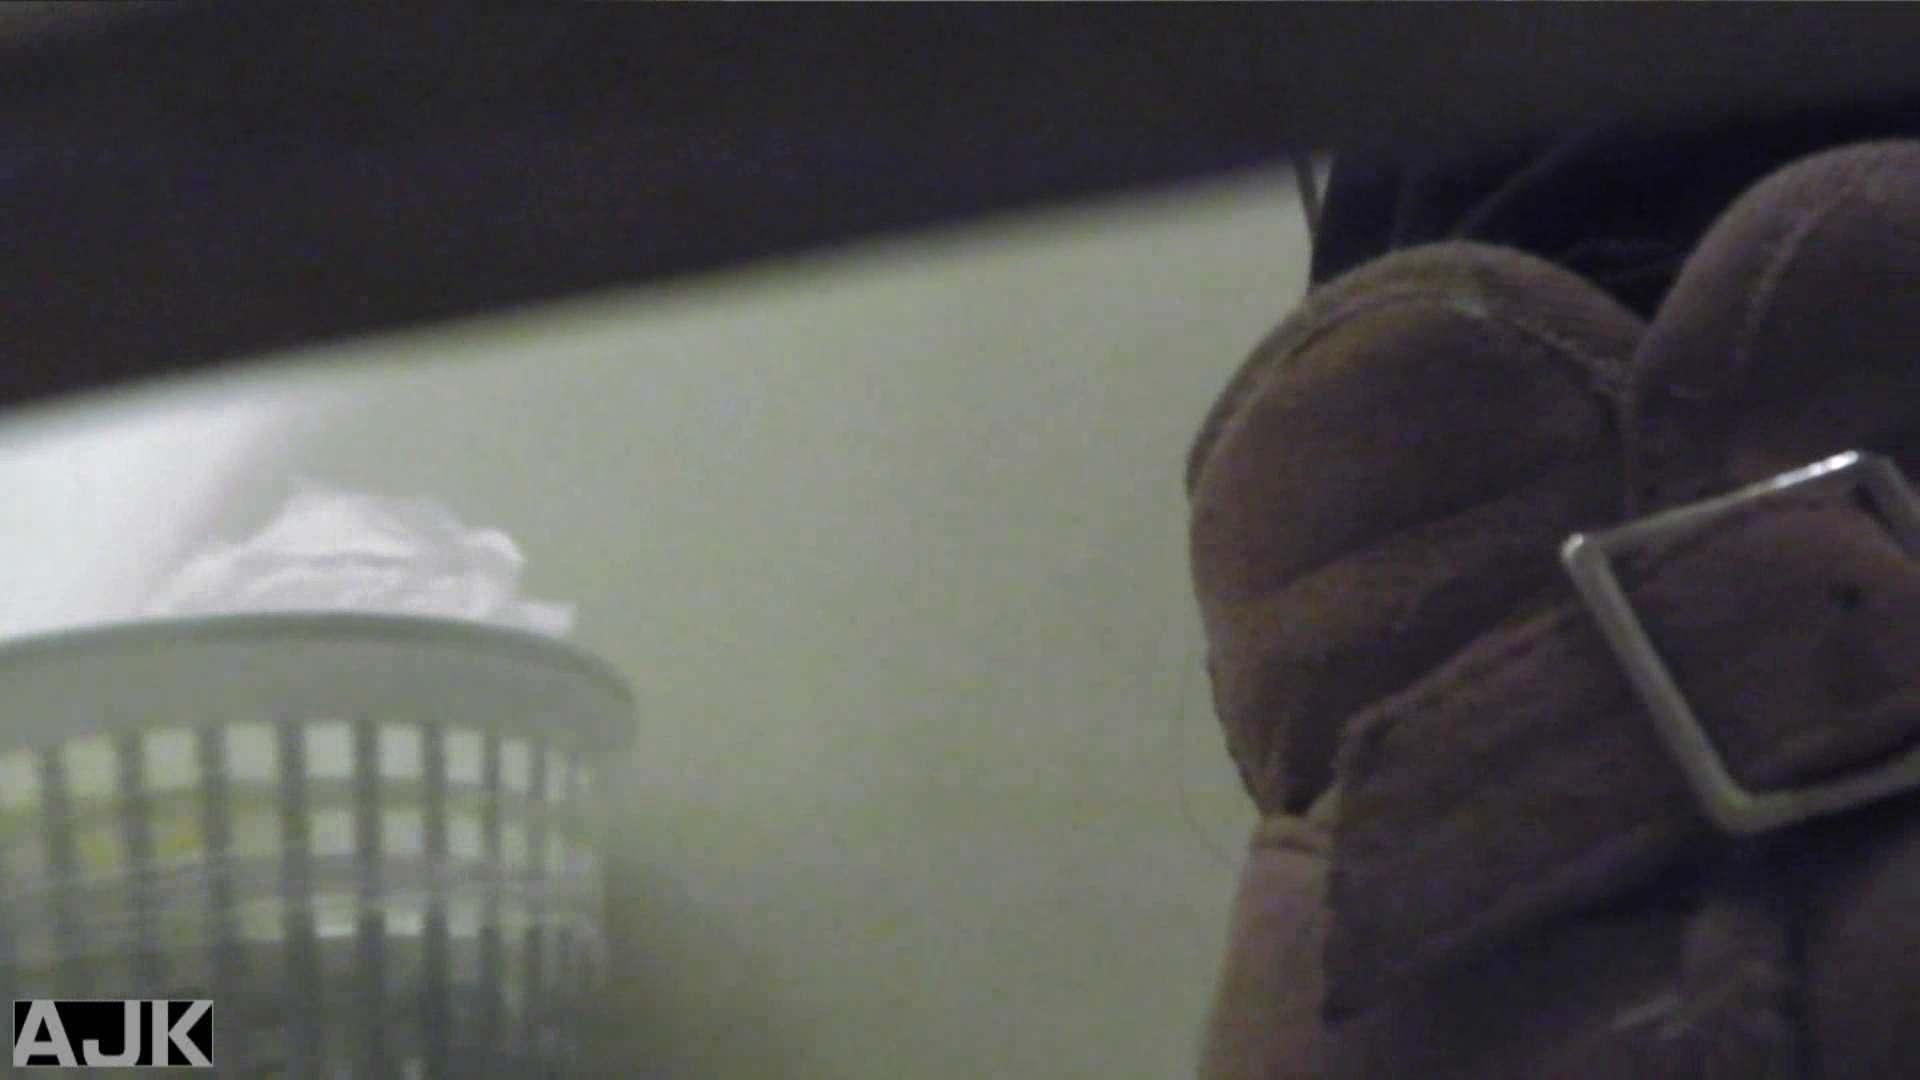 神降臨!史上最強の潜入かわや! vol.28 潜入 AV無料動画キャプチャ 106PIX 27